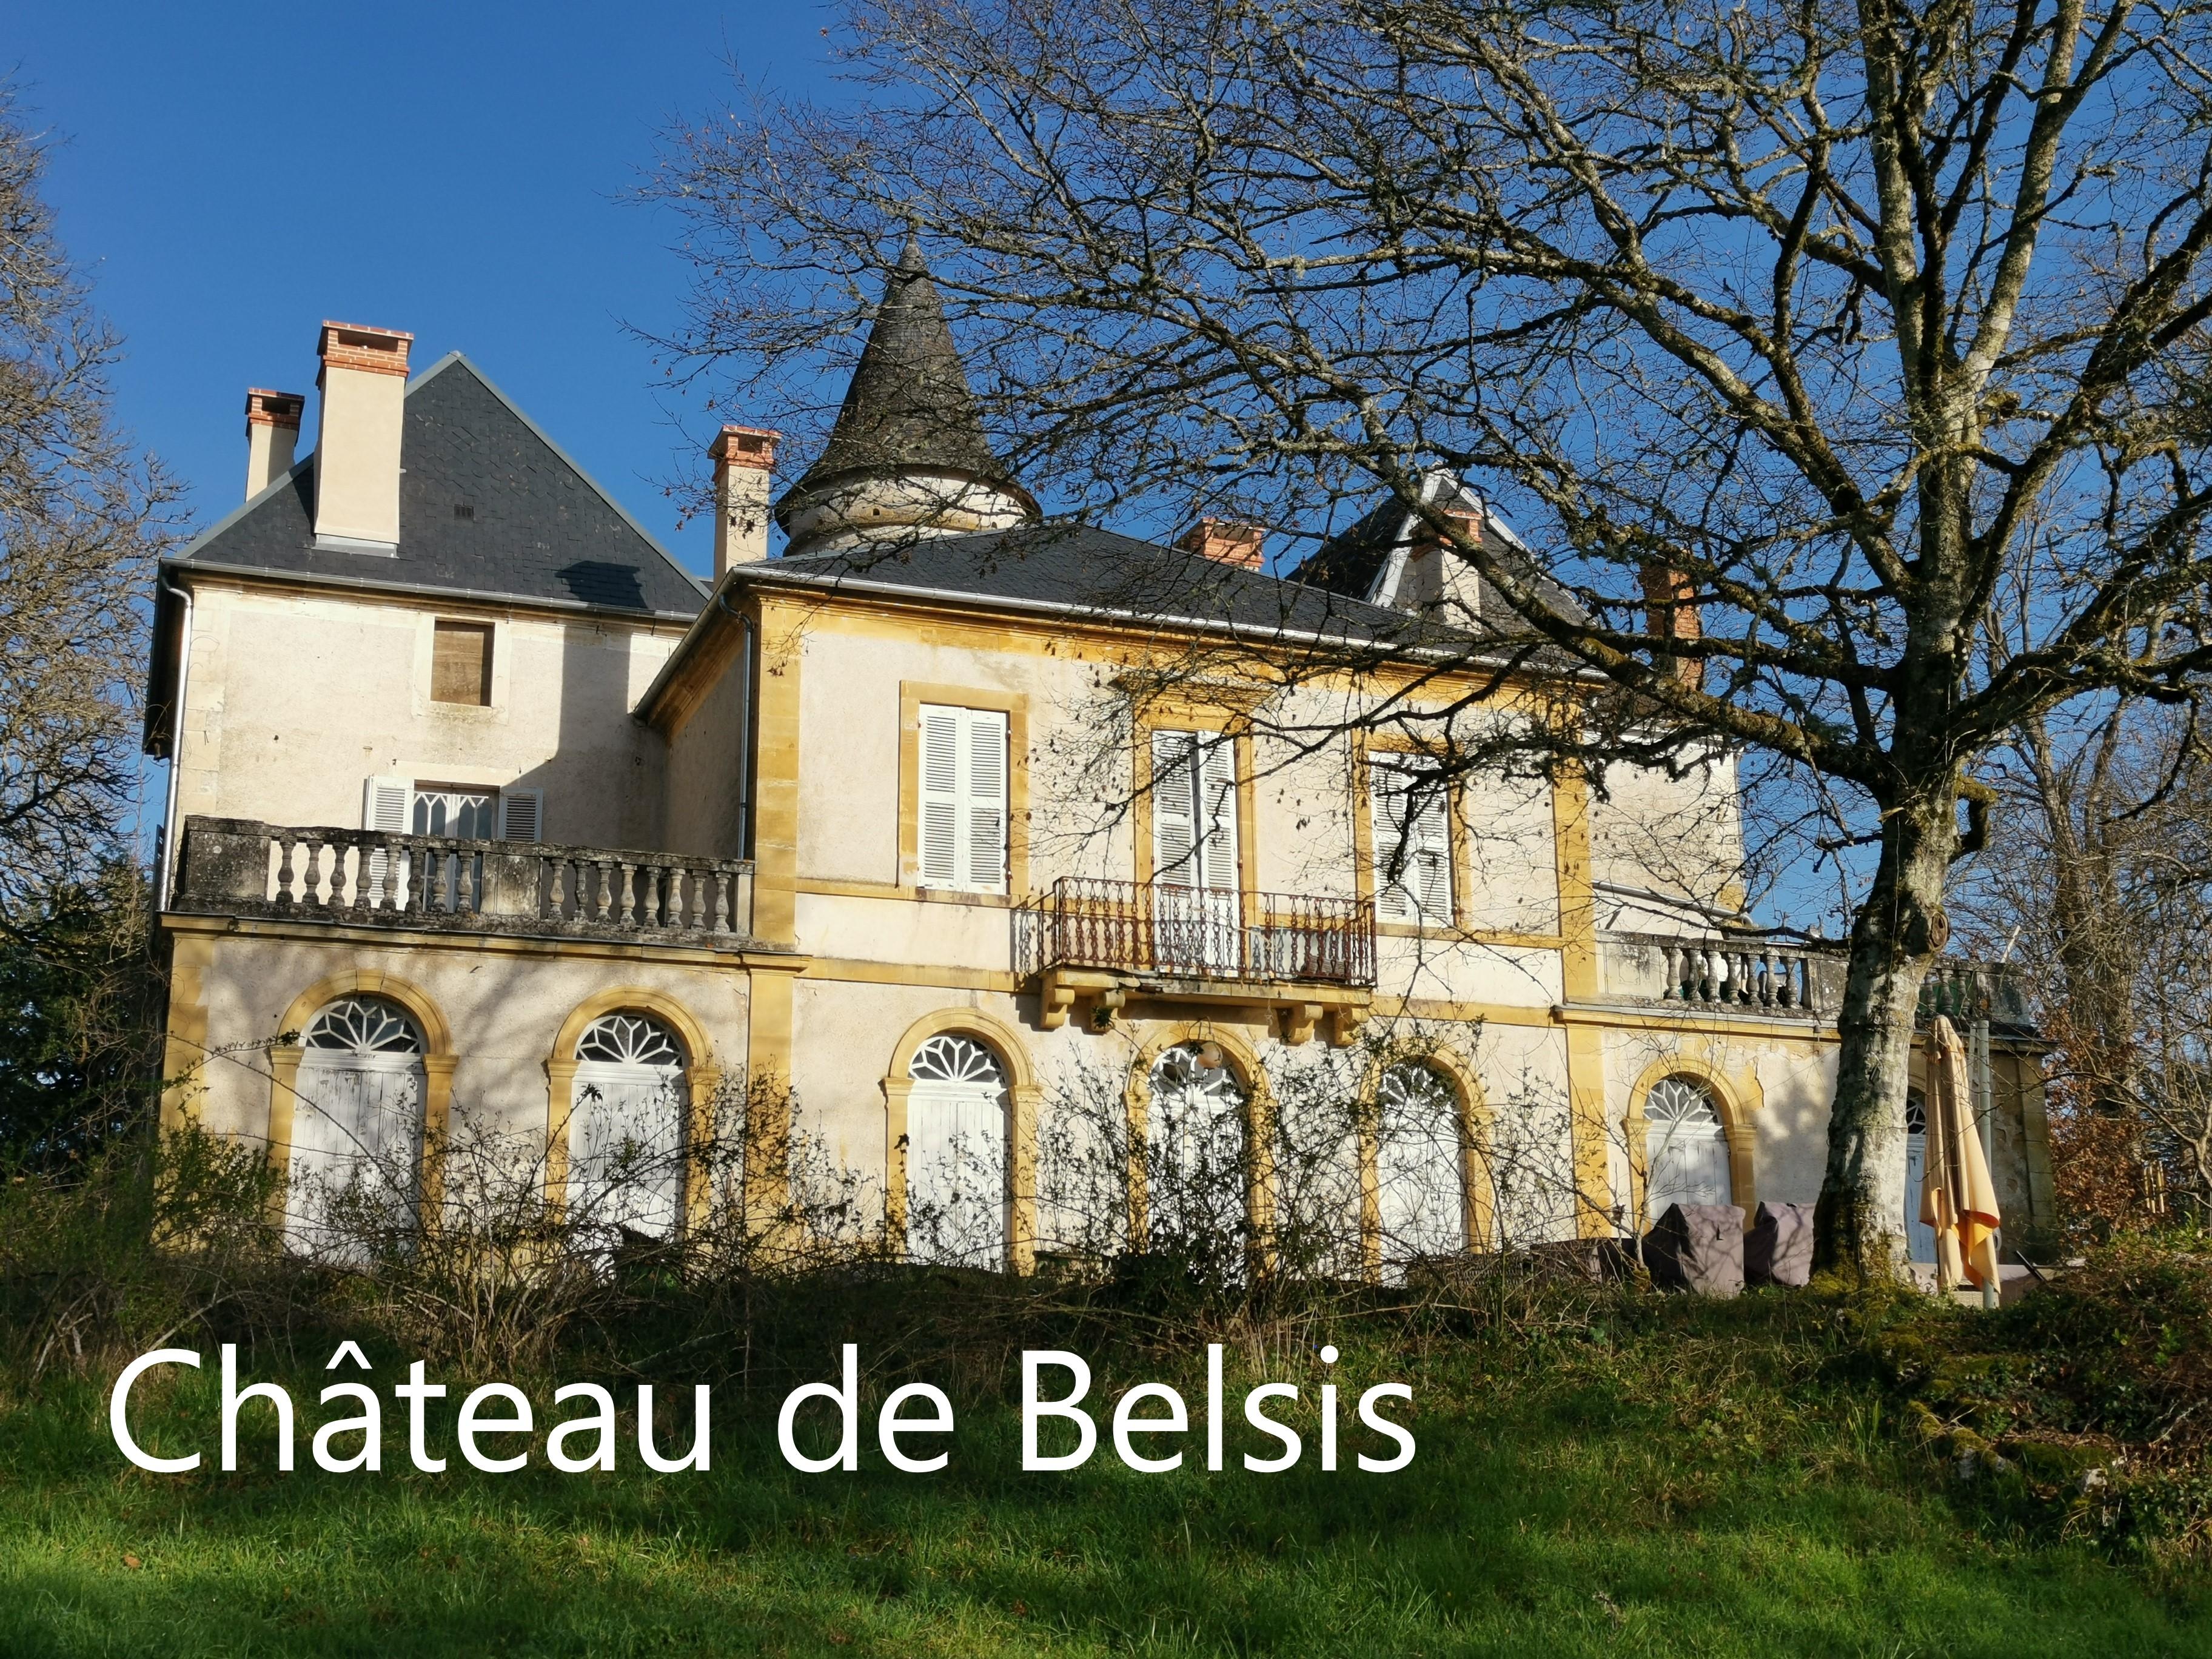 Chateau de belsis